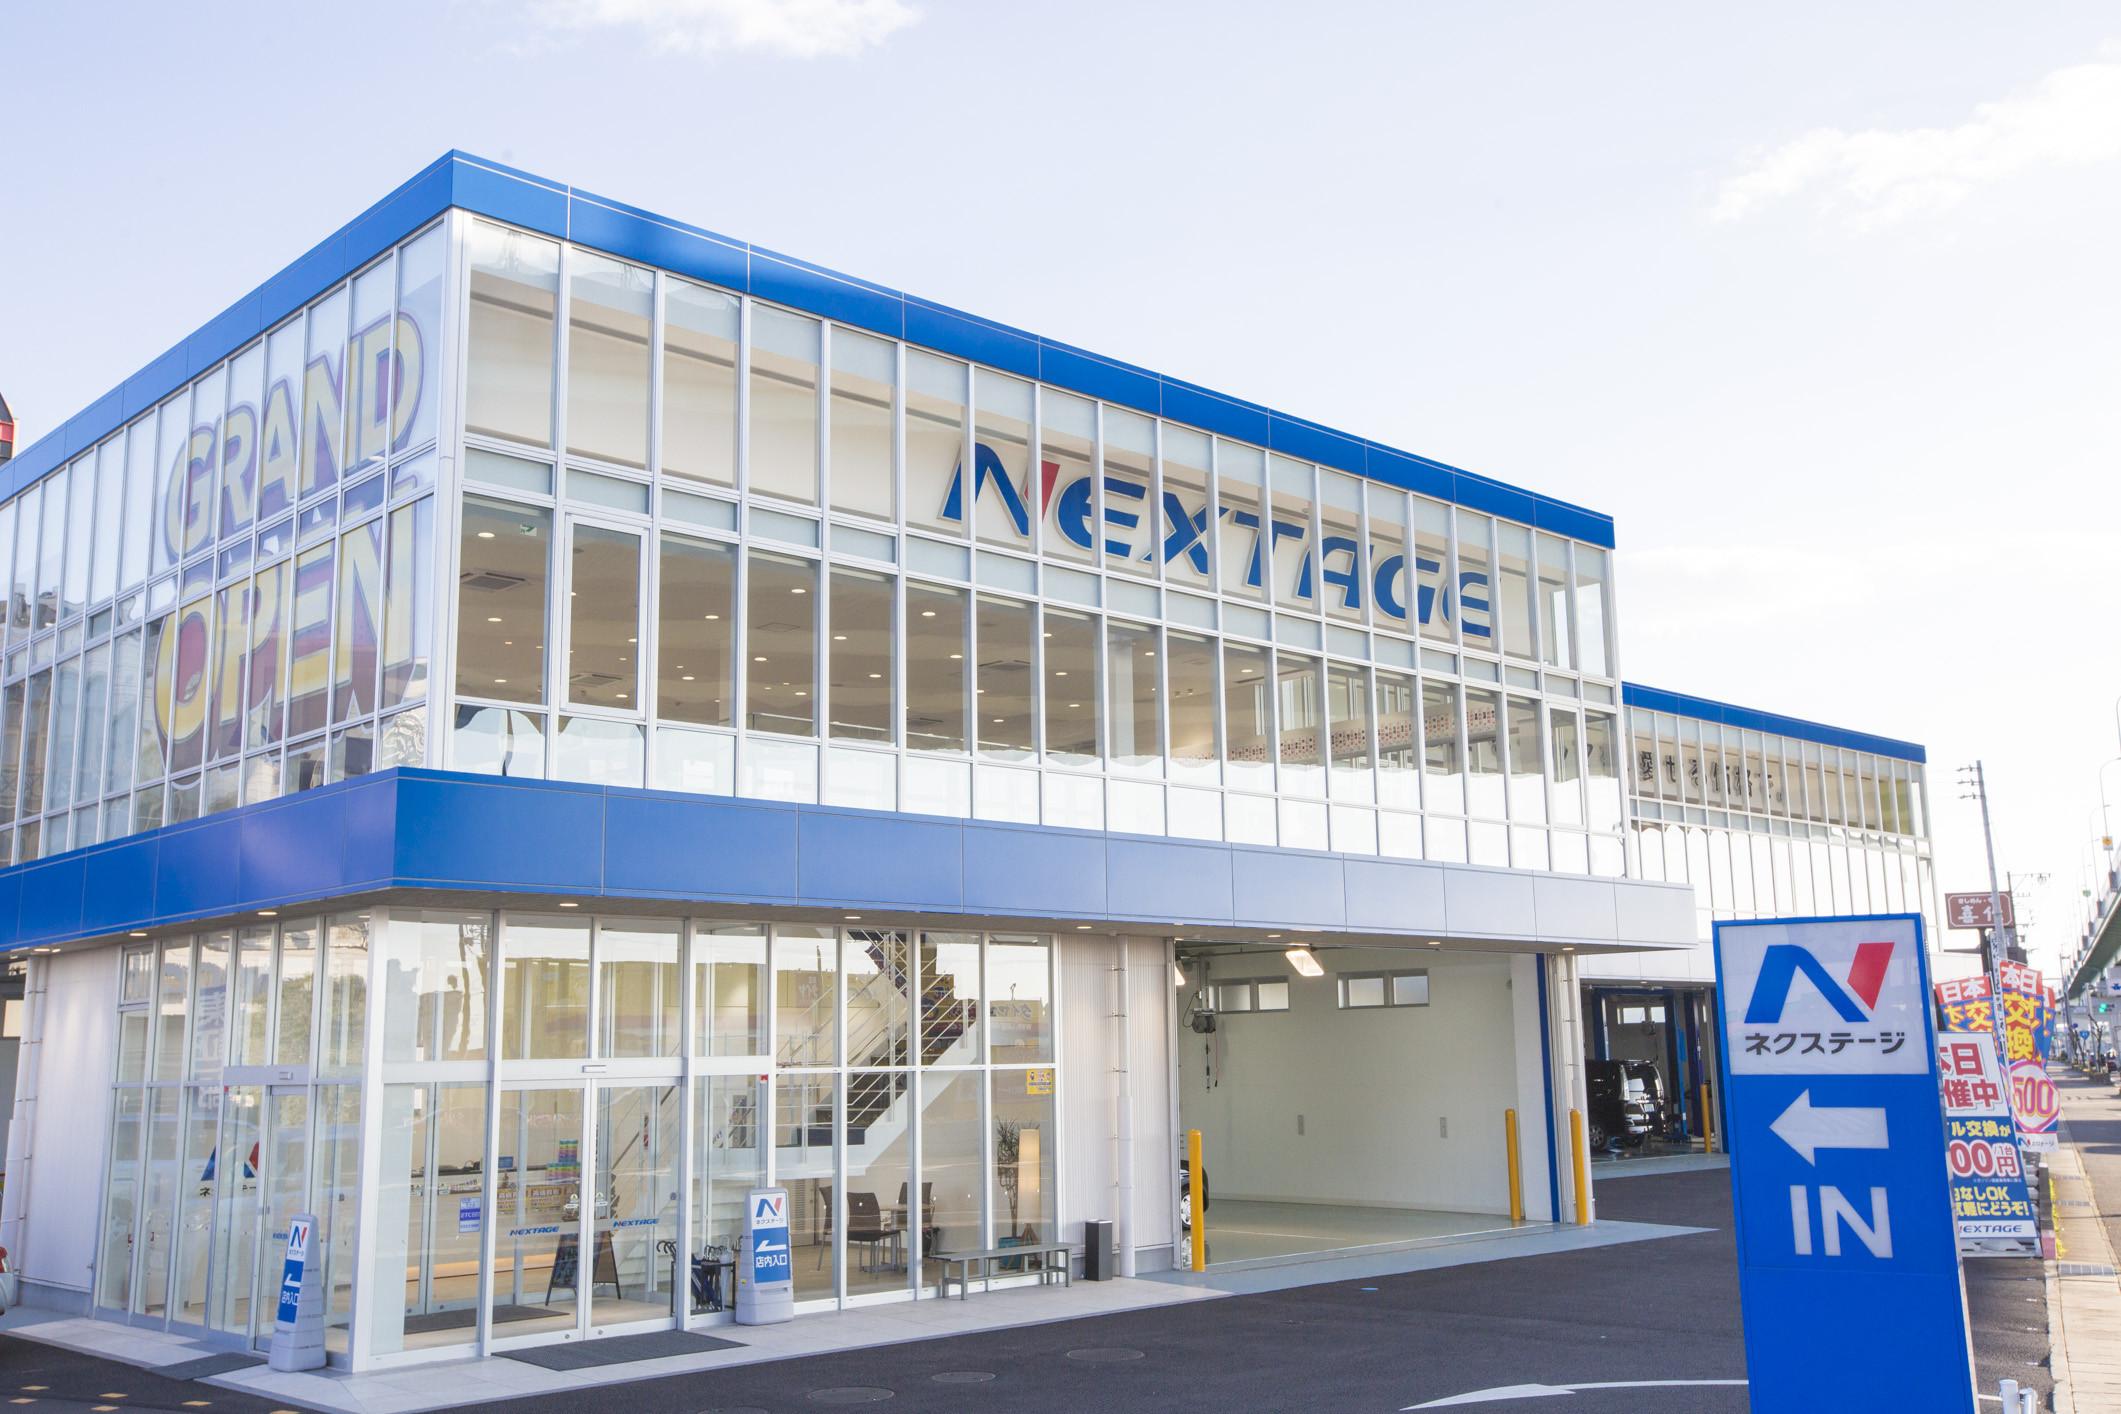 ネクステージ 岐阜則武 軽自動車専門店のアルバイト情報